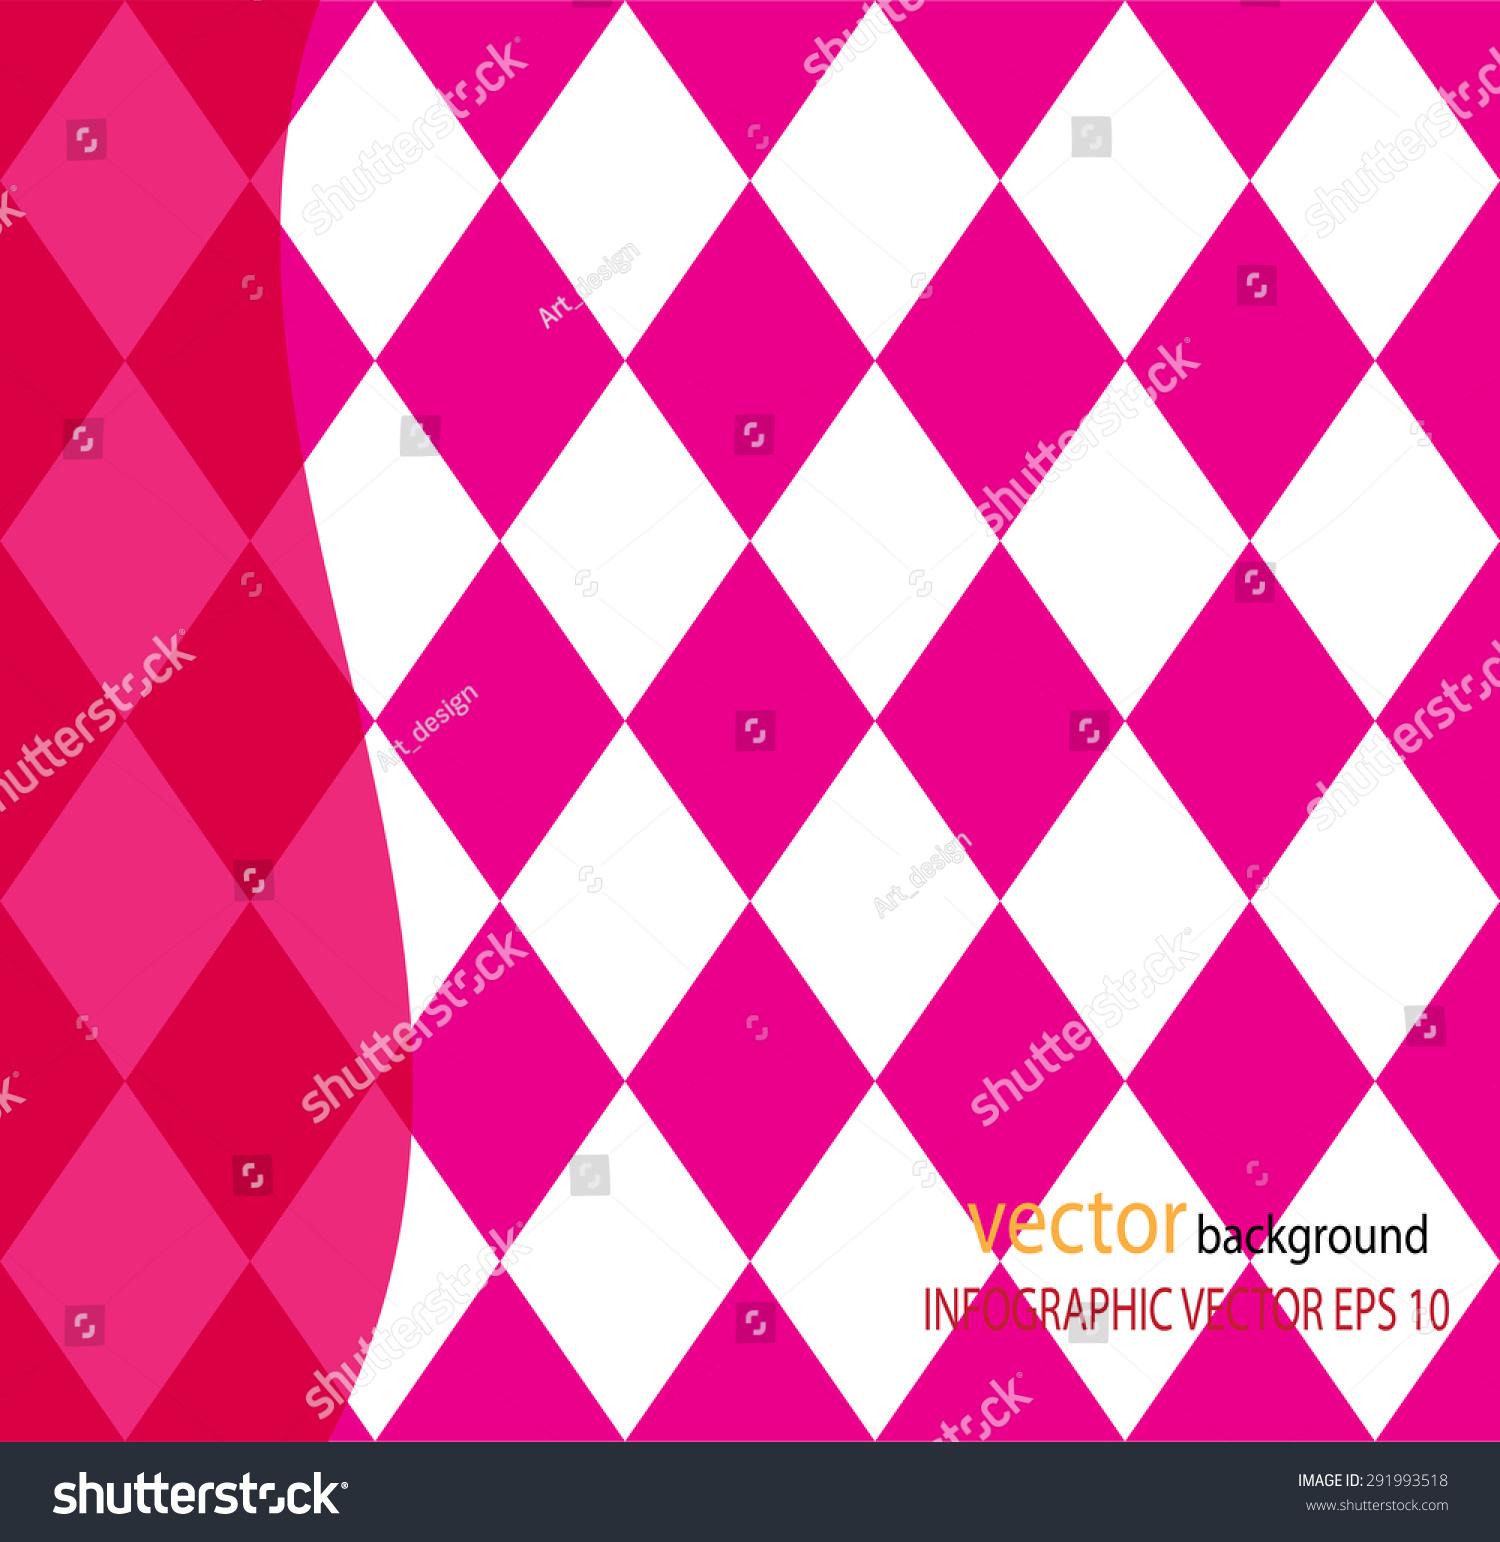 方格桌布无缝模式向量